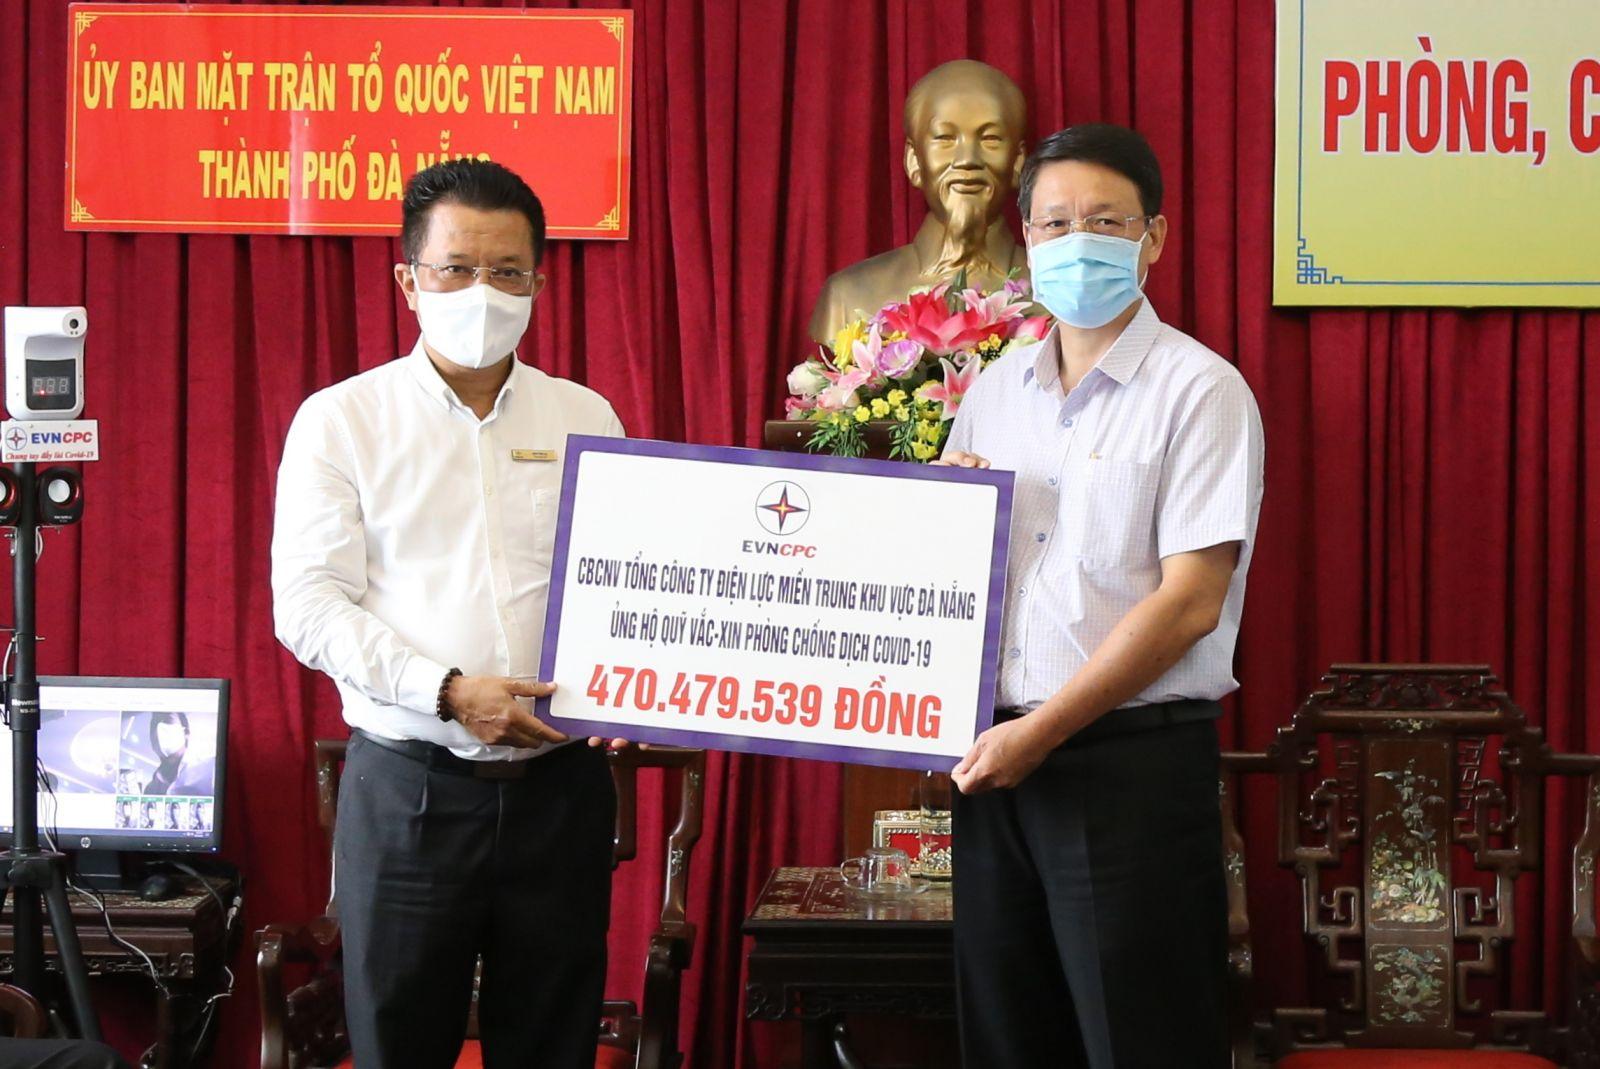 Tổng giám đốc EVNCPC Ngô Tấn Cư (bên trái) trao bảng tượng trưng kinh phí hỗ trợ mua vắc xin và trao tặng 15 máy đo thân nhiệt tự động tổng trị giá 150 triệu đồng cho Ủy ban MTTQ Việt Nam TP. Đà Nẵng.